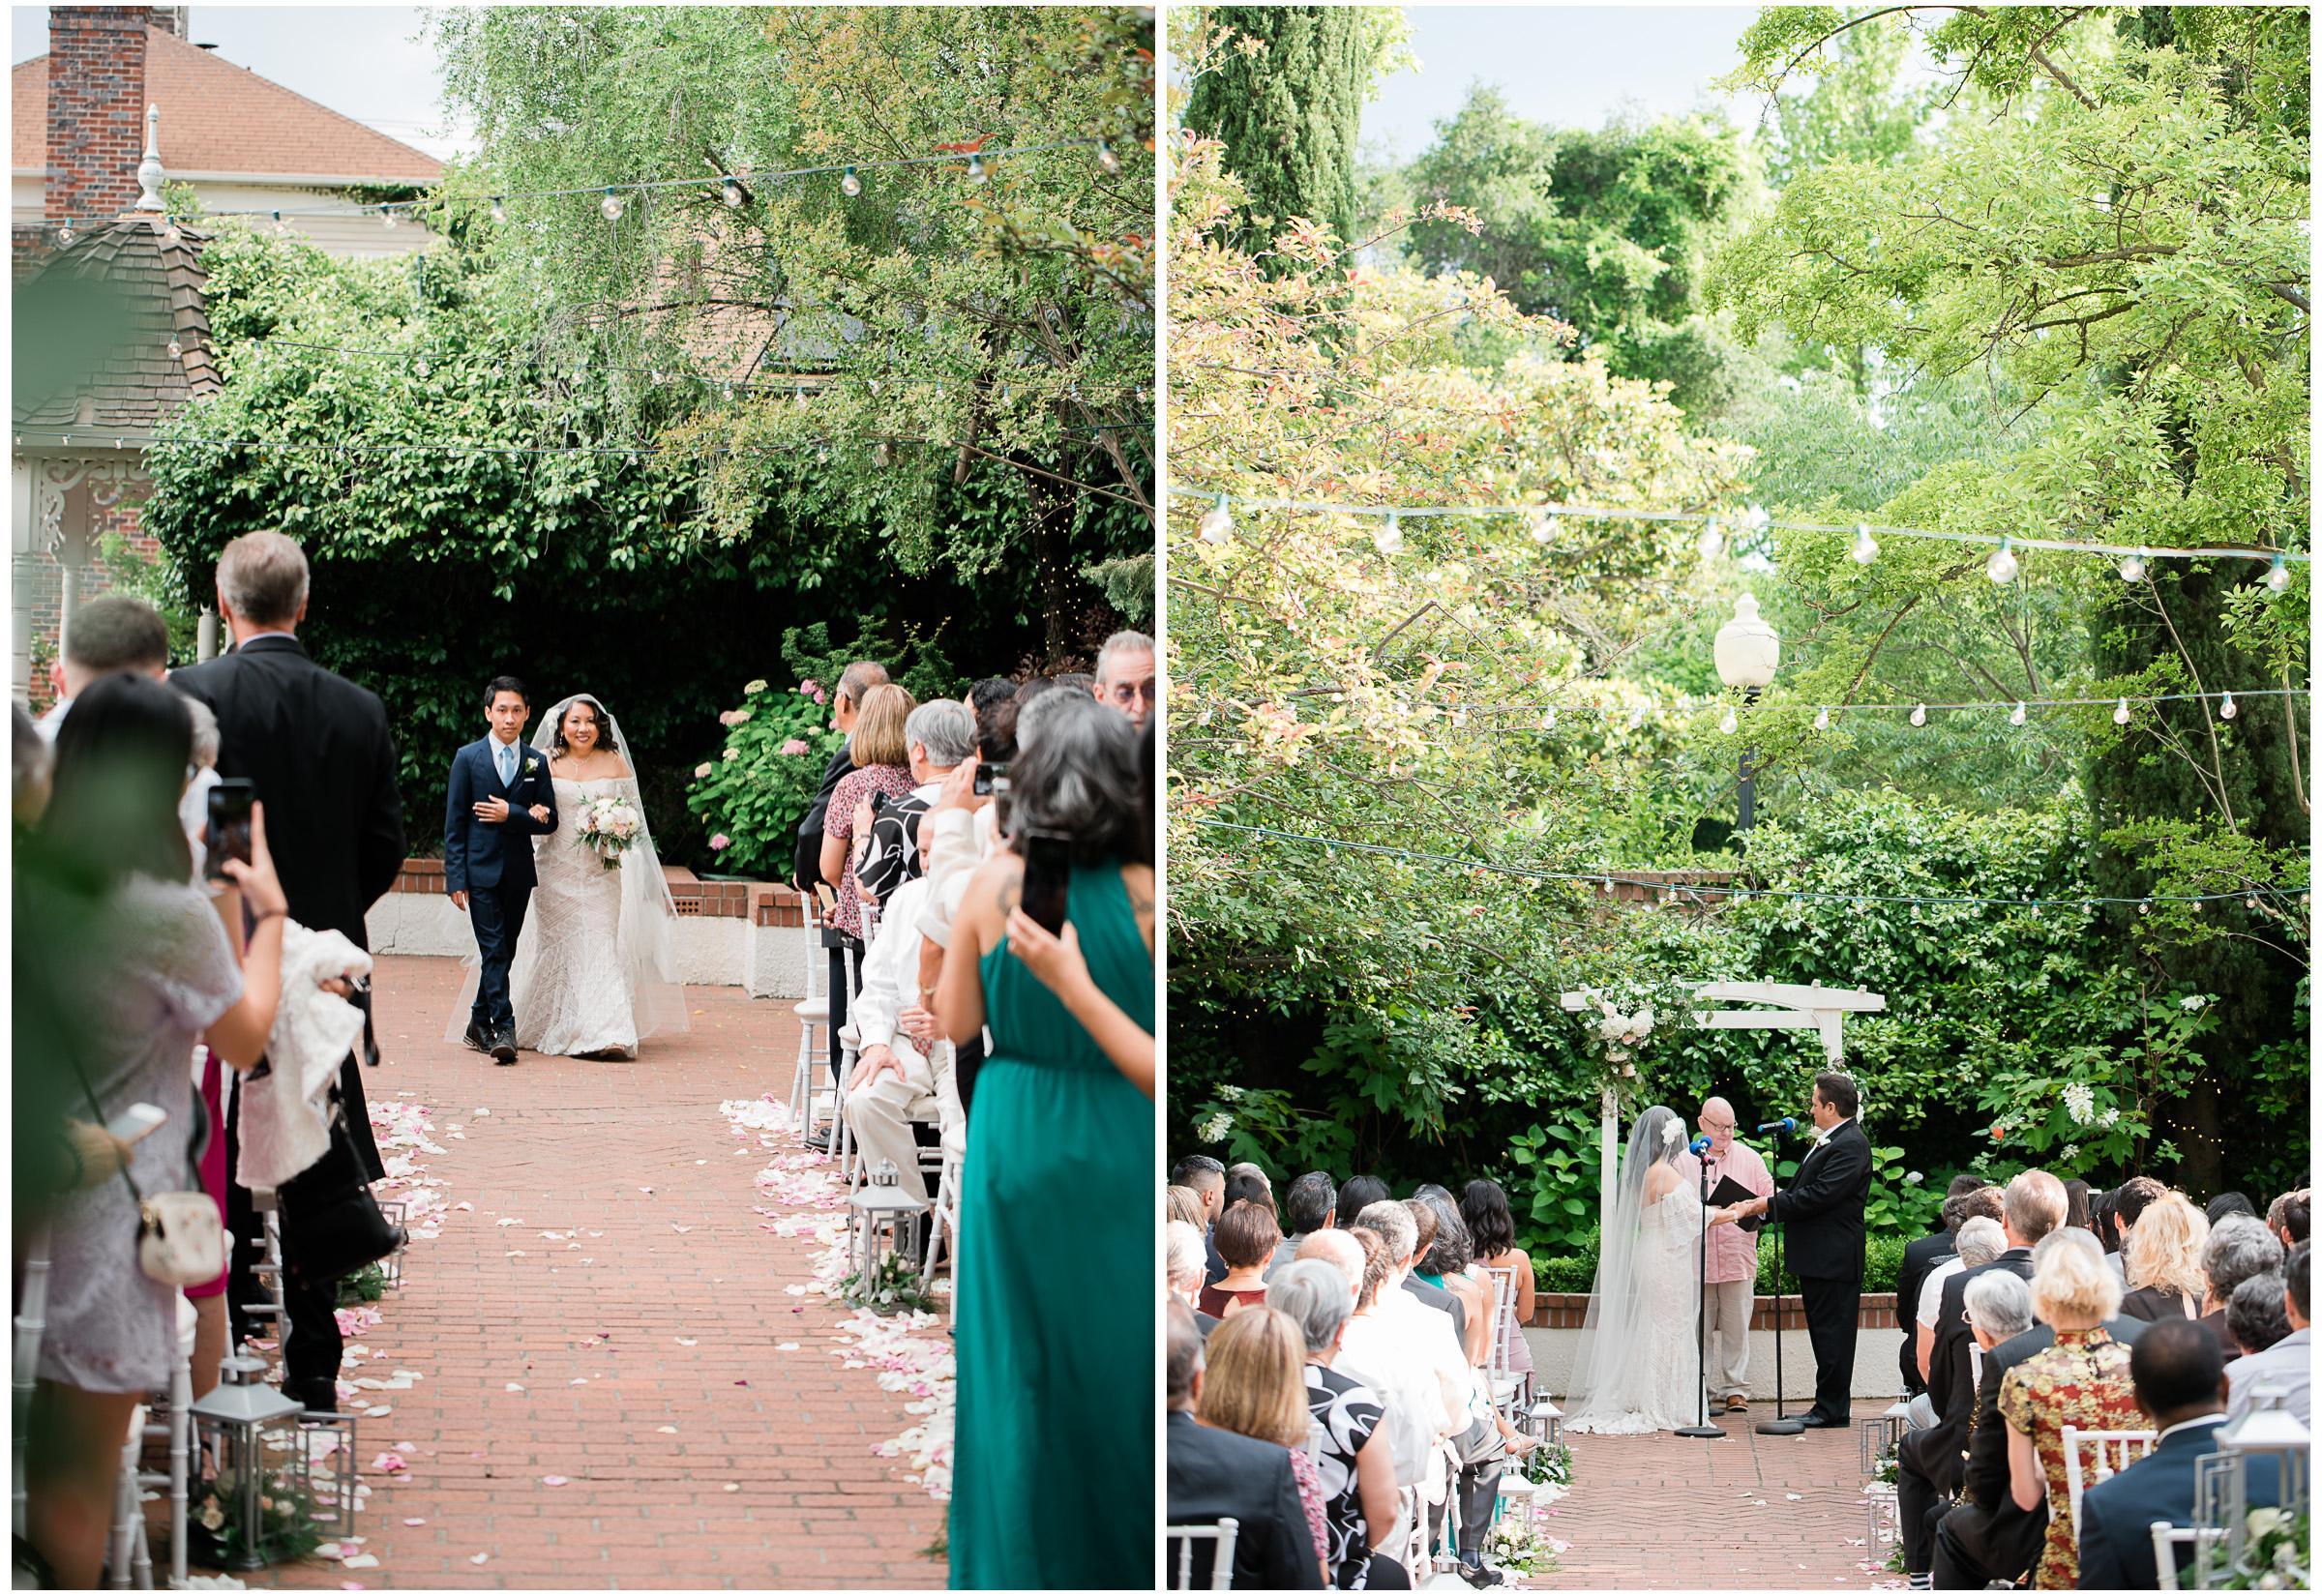 Sacramento Wedding - Sacramento Photographer - Vizcaya - Justin Wilcox Photography - 11.jpg